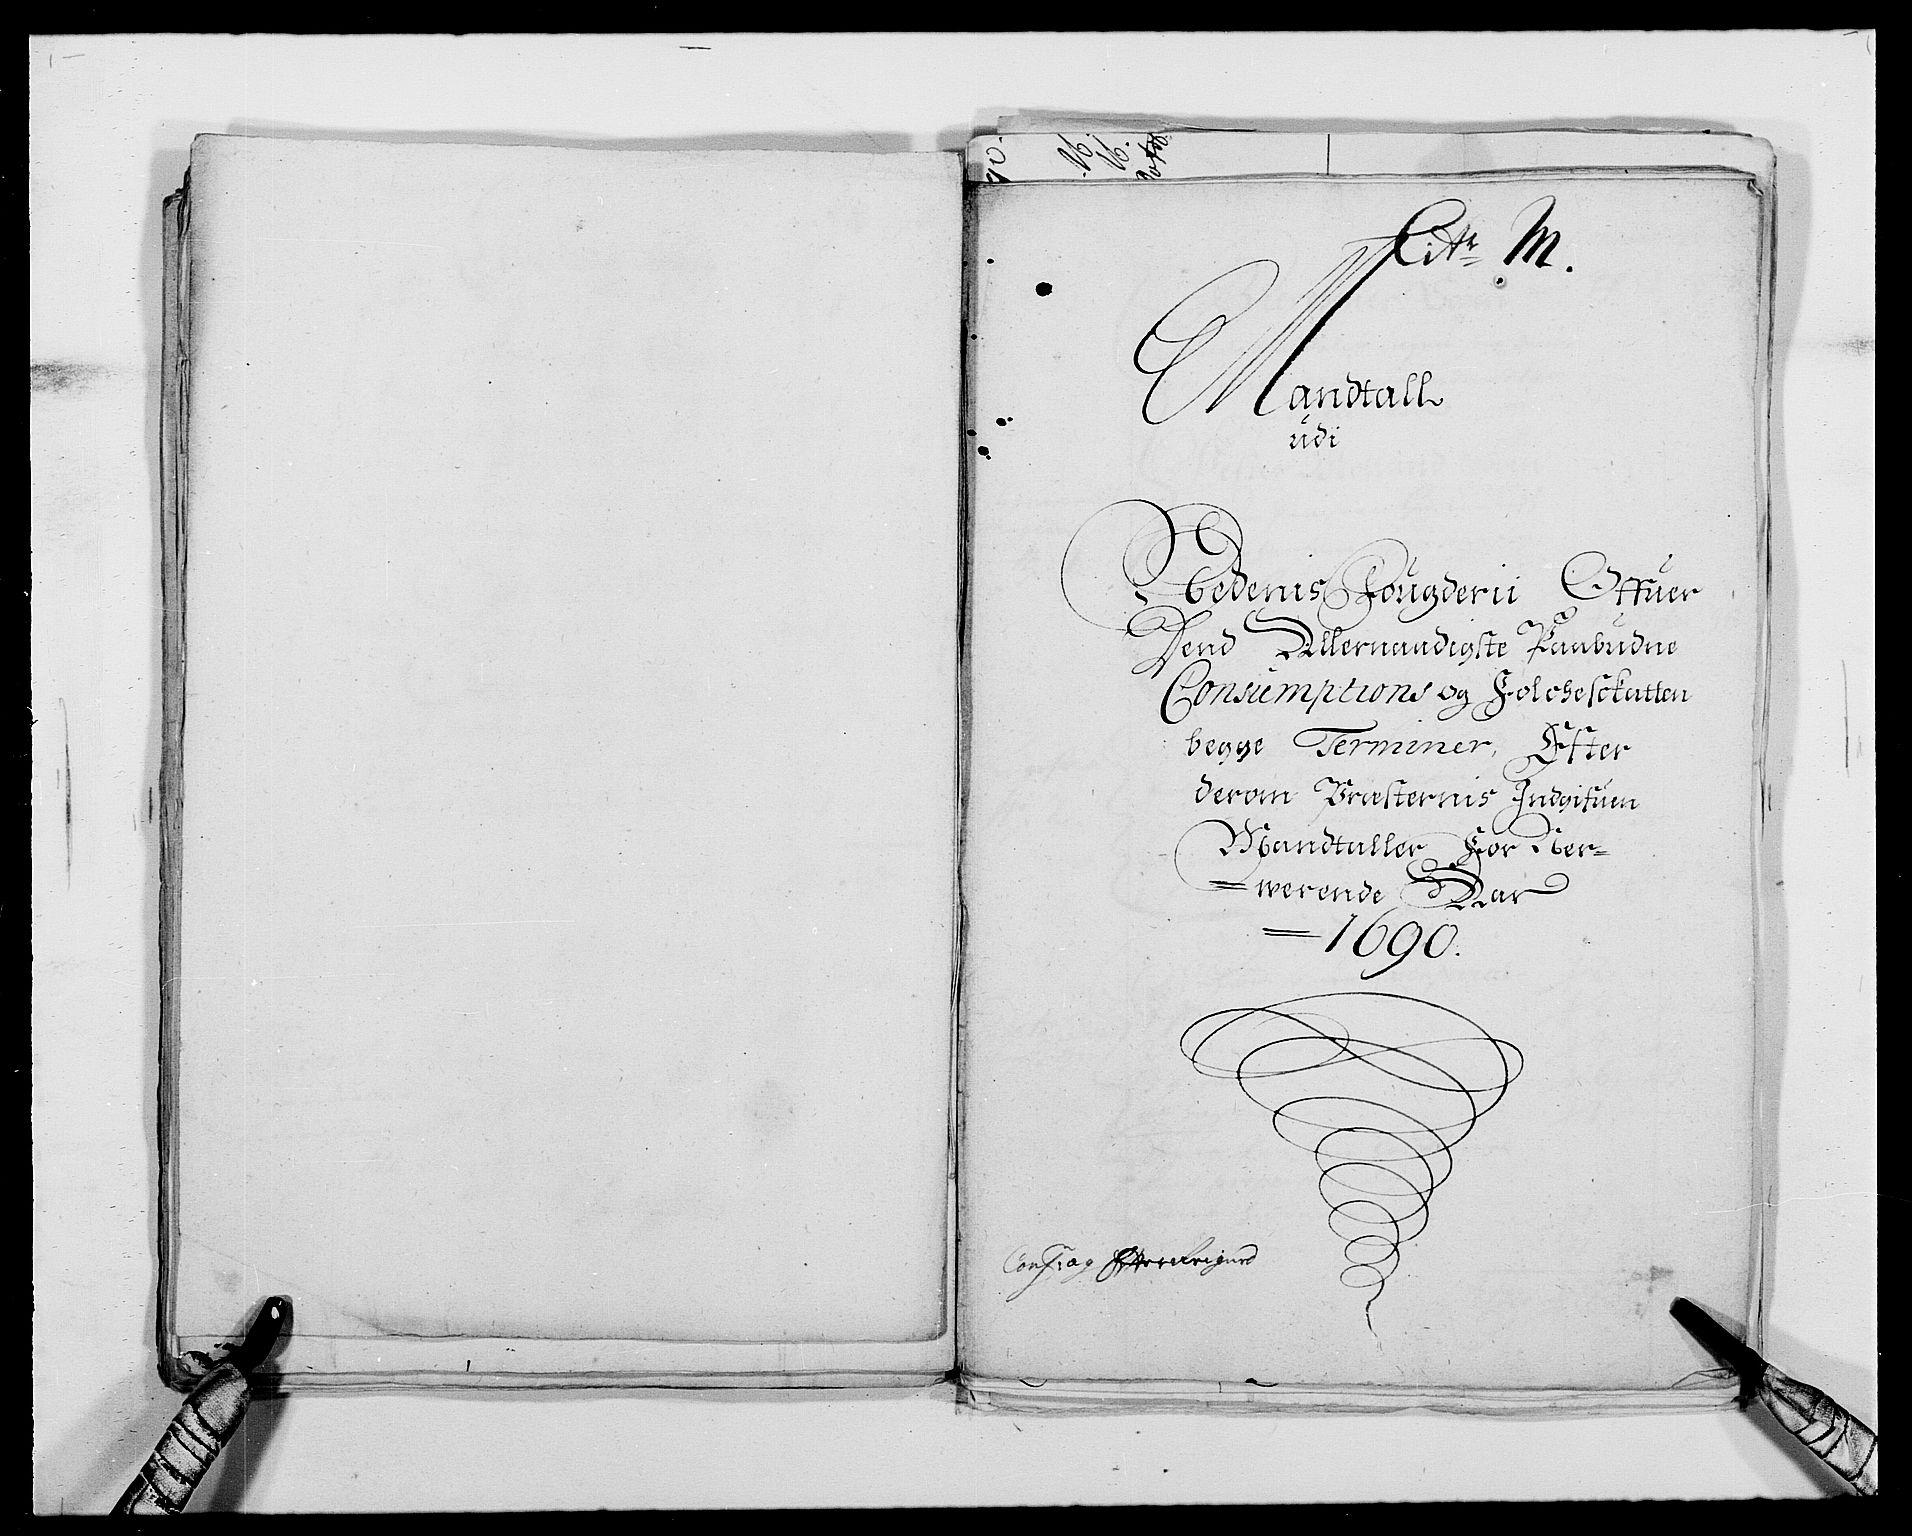 RA, Rentekammeret inntil 1814, Reviderte regnskaper, Fogderegnskap, R39/L2310: Fogderegnskap Nedenes, 1690-1692, s. 241